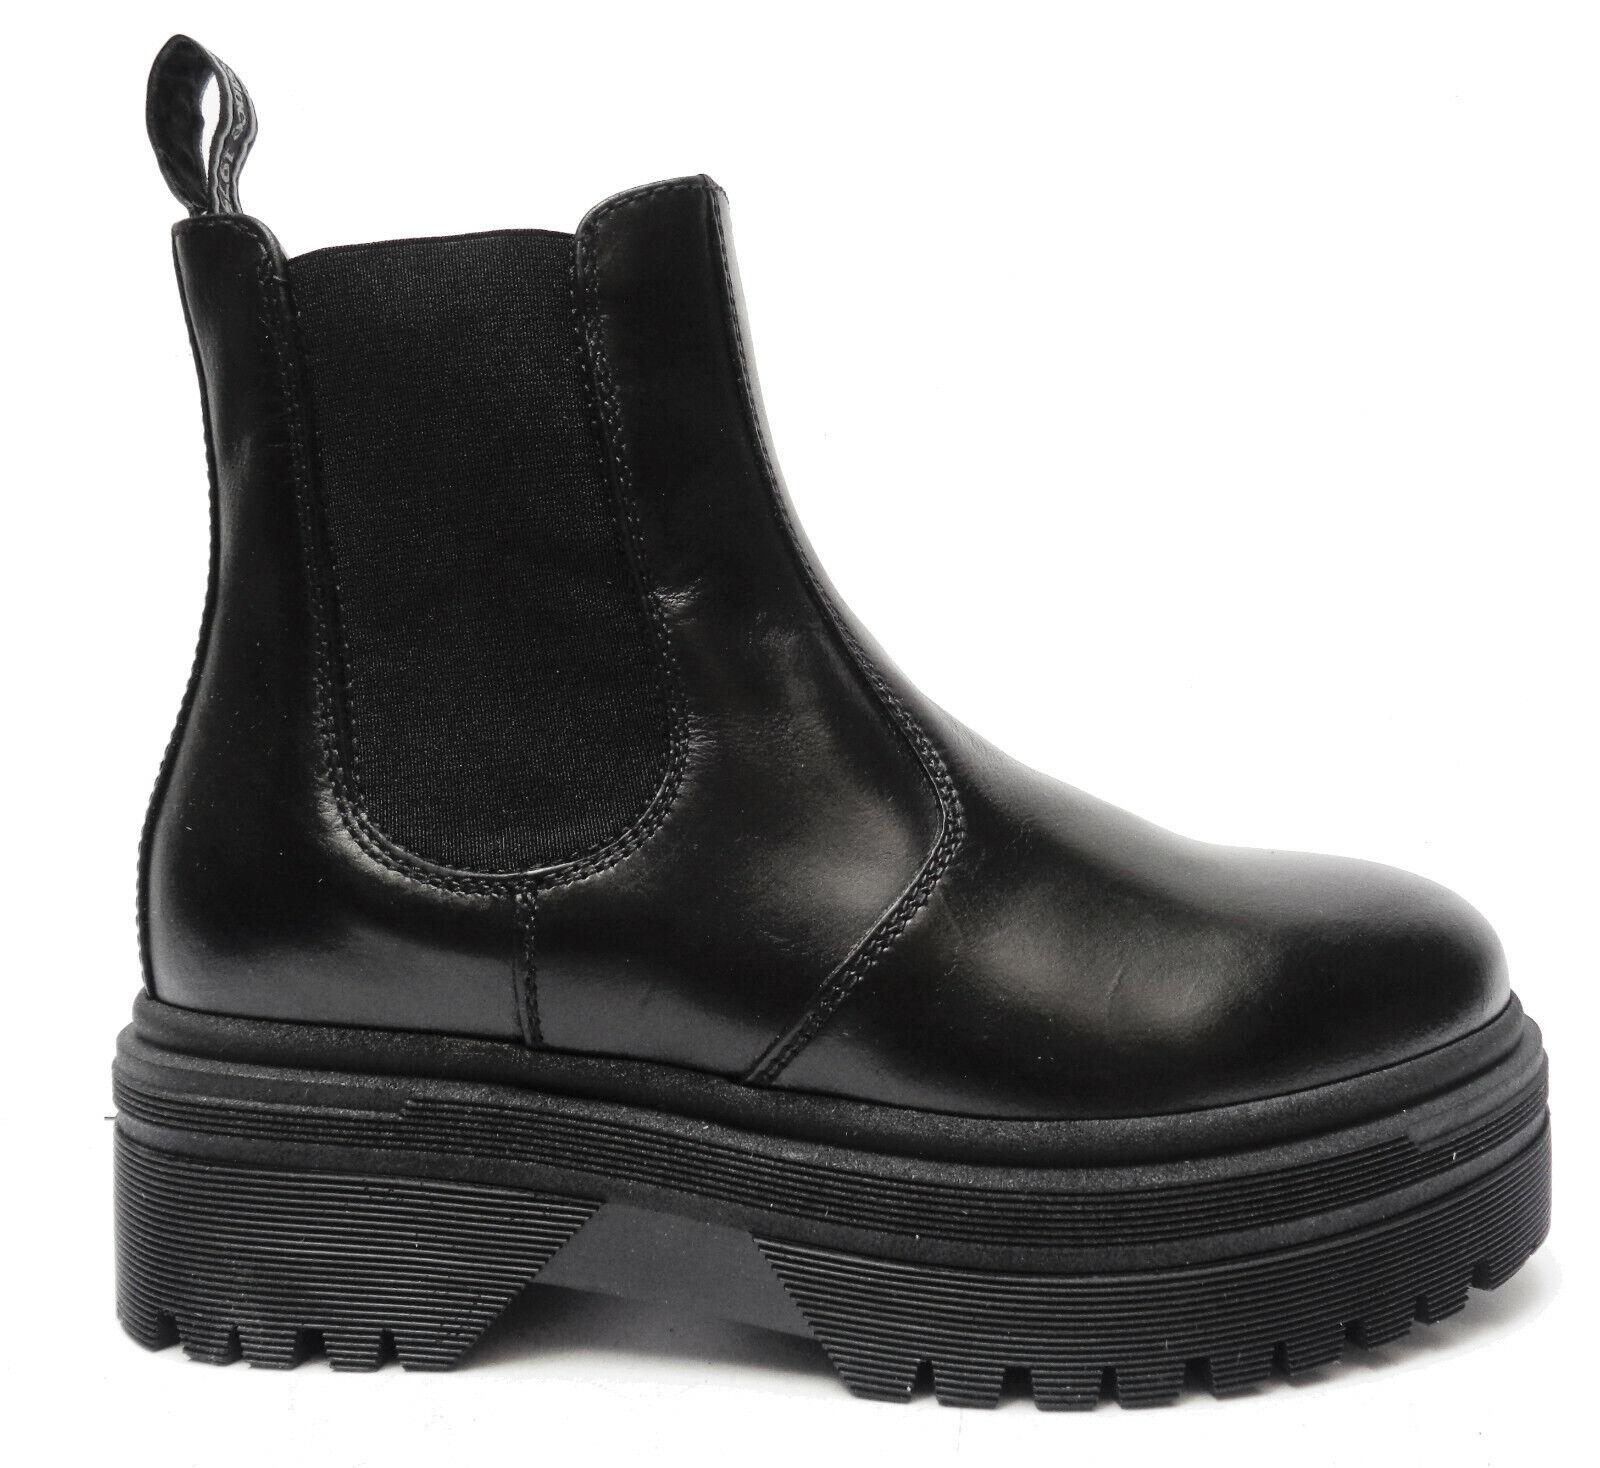 schwarz Giardini 9830 Militärschuhe Damen aus Leder Schwarz Elastisch Hintergrund